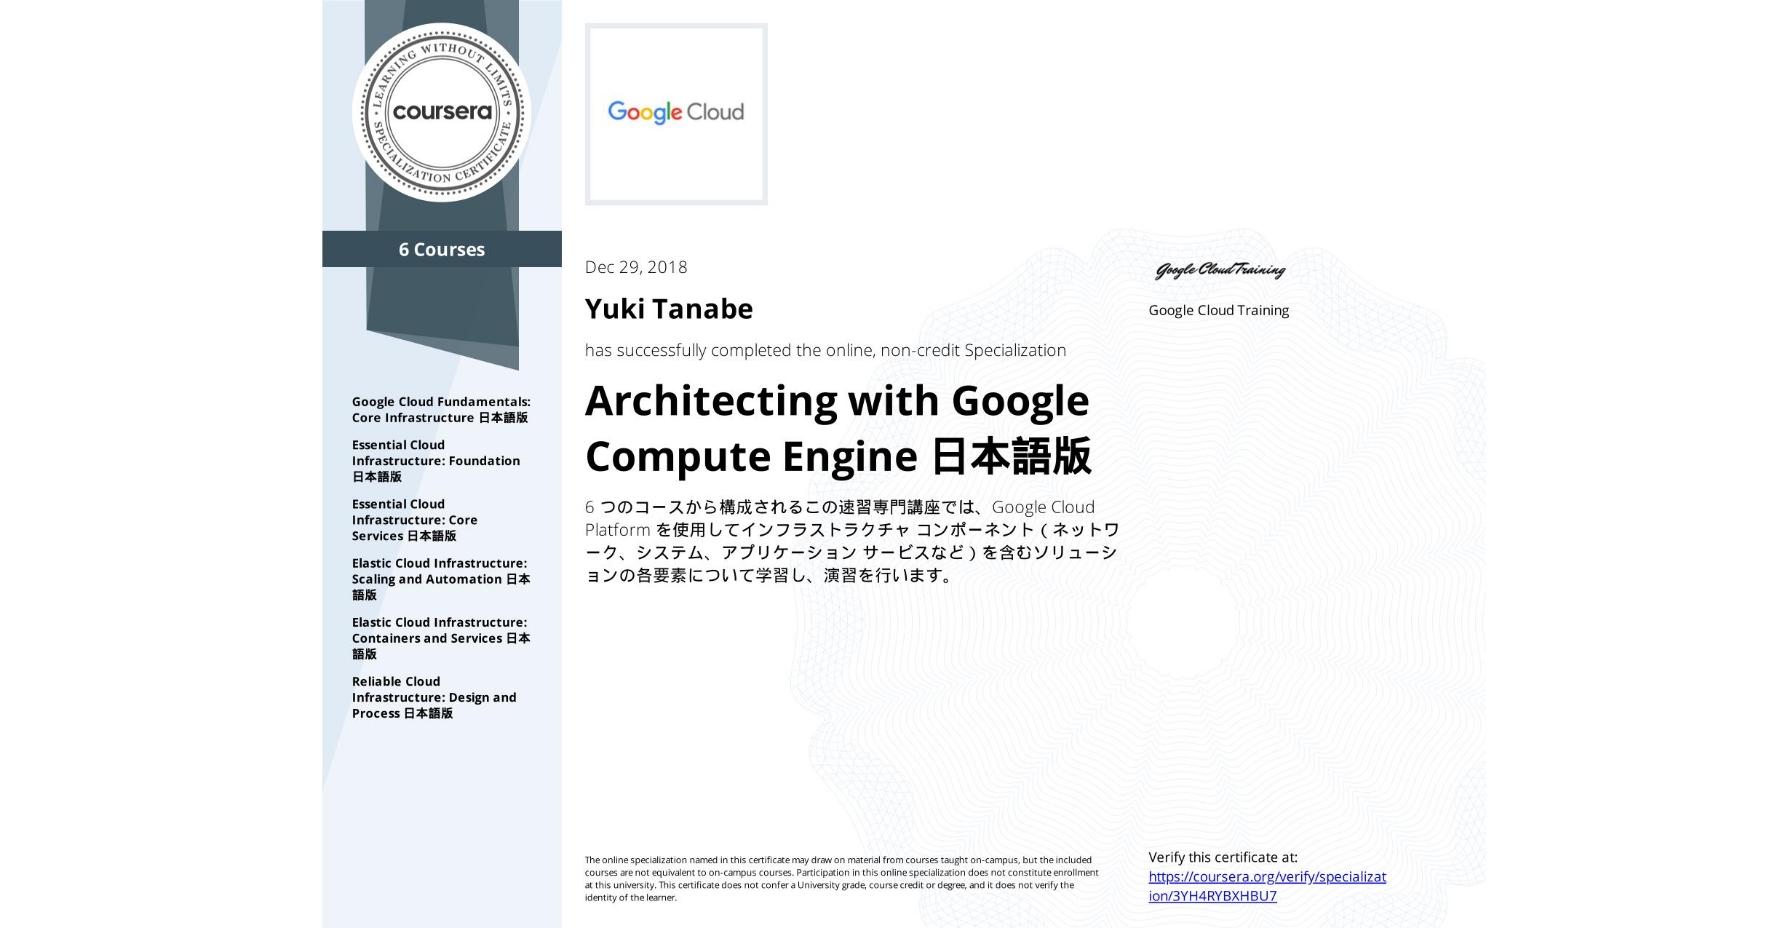 View certificate for Yuki Tanabe, Architecting with Google Compute Engine 日本語版, offered through Coursera. 6 つのコースから構成されるこの速習専門講座では、Google Cloud Platform を使用してインフラストラクチャ コンポーネント(ネットワーク、システム、アプリケーション サービスなど)を含むソリューションの各要素について学習し、演習を行います。